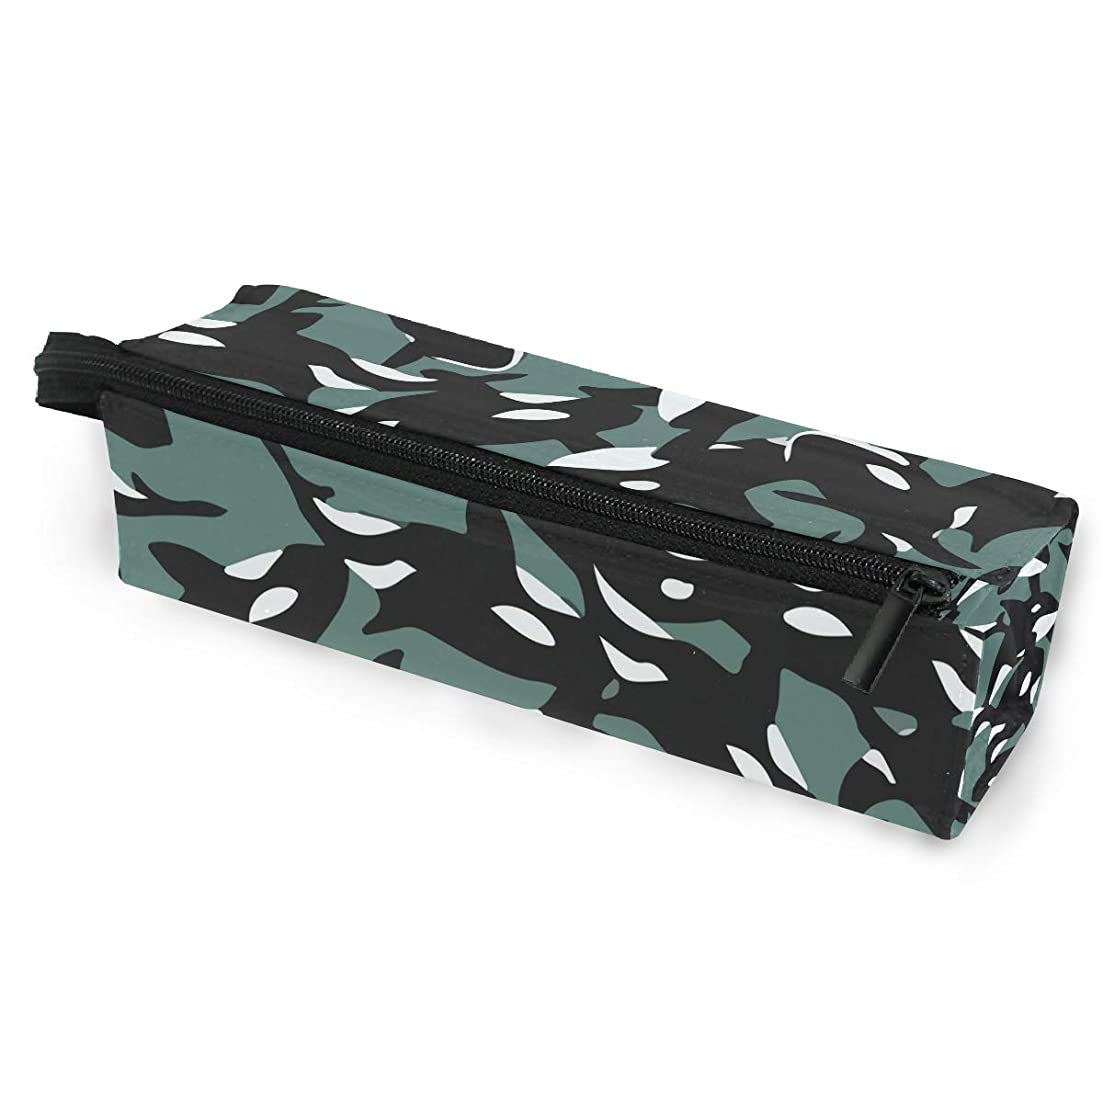 入力パンサー早熟シャチ 海洋 眼鏡ケース ペンケース 筆箱 ペン立て 大容量 文具収納 男女兼用 人気 プレゼント [並行輸入品]